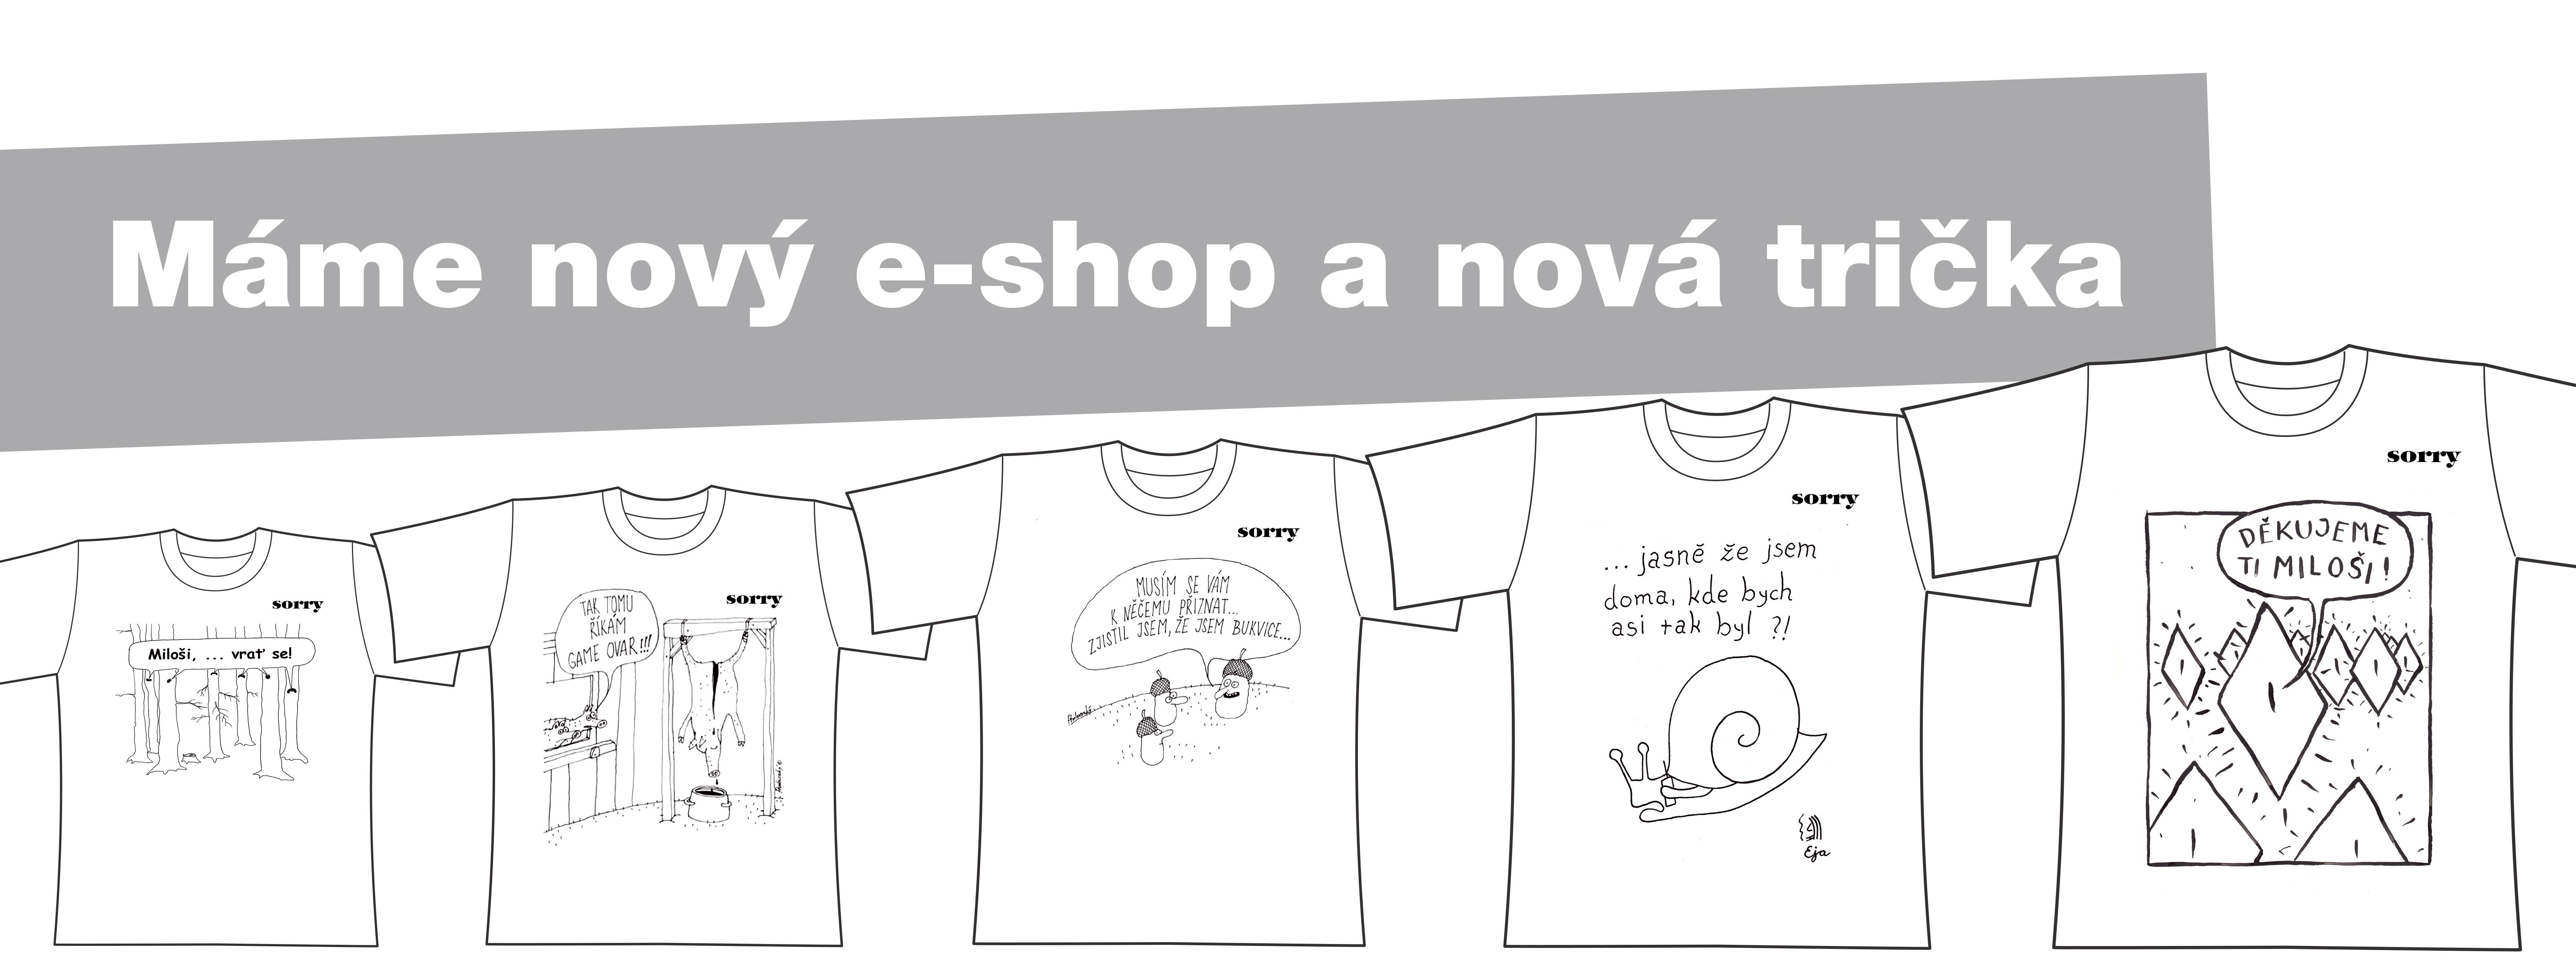 Série nových triček